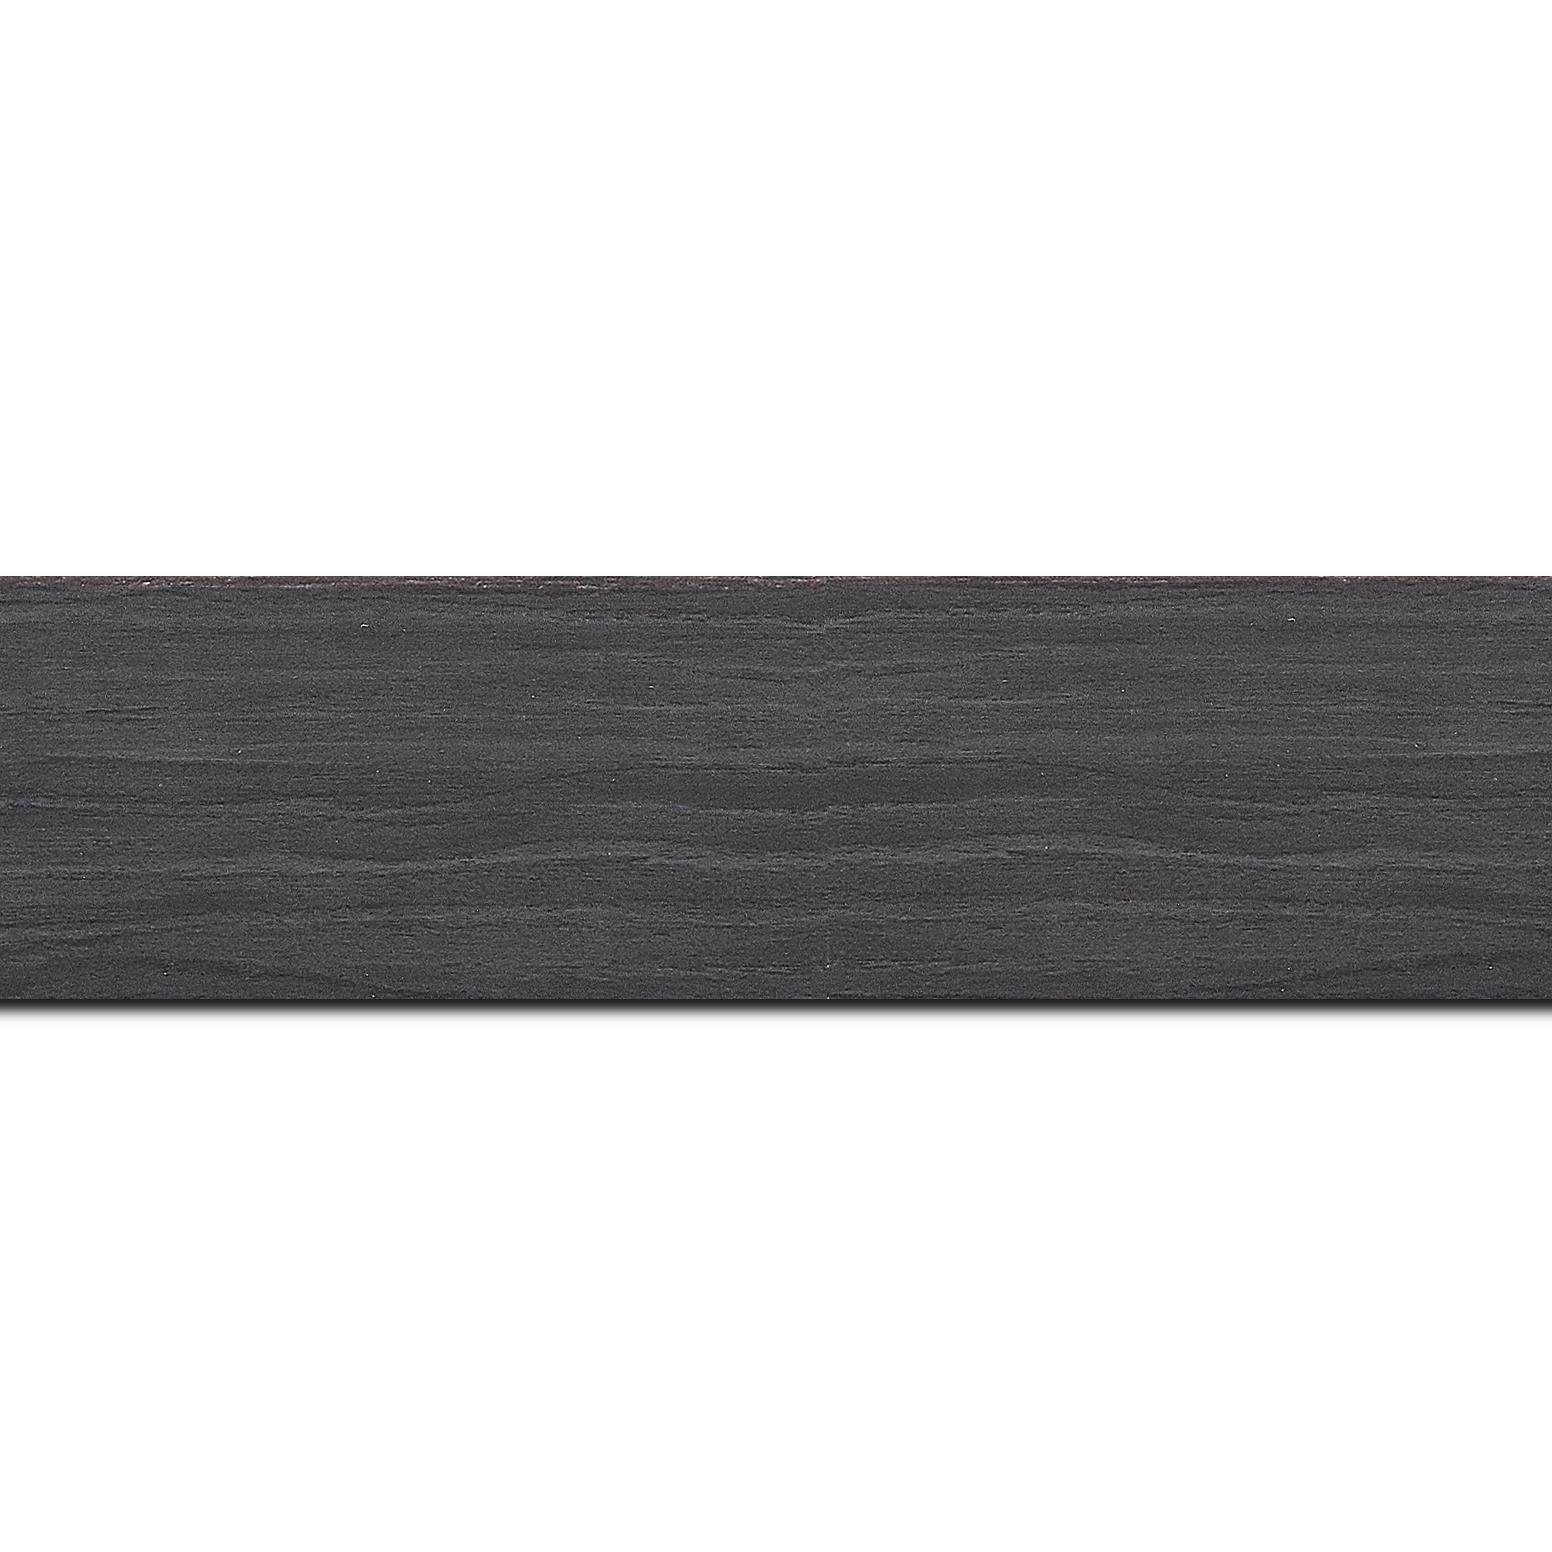 Pack par 12m, bois profil plat largeur 4.2cm décor bois noir ébène(longueur baguette pouvant varier entre 2.40m et 3m selon arrivage des bois)